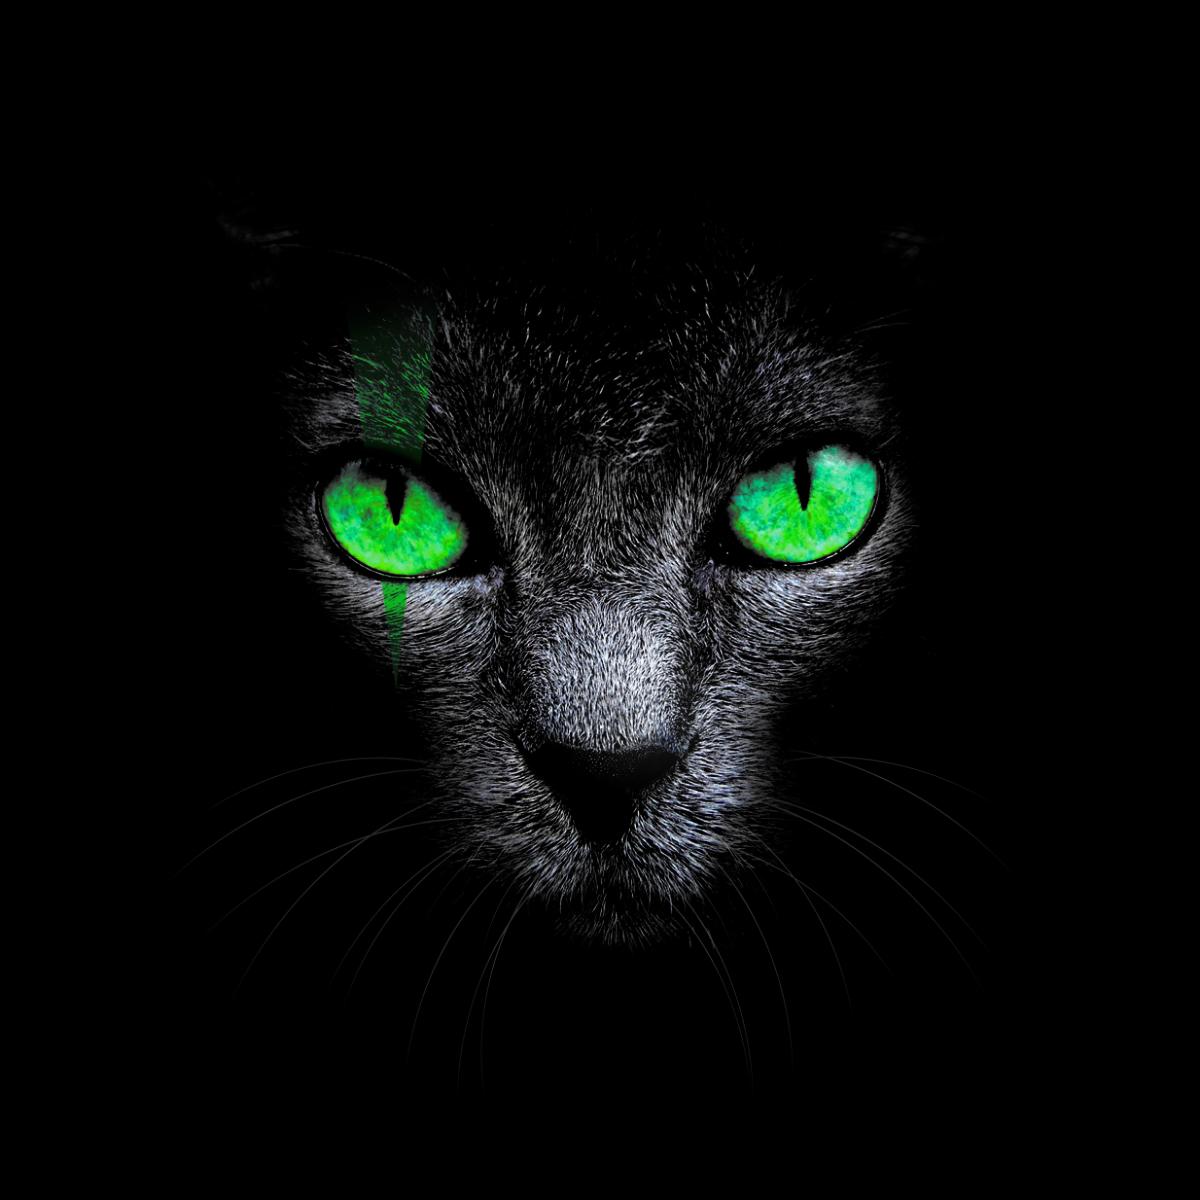 обои картинки черный кот с зелеными свое